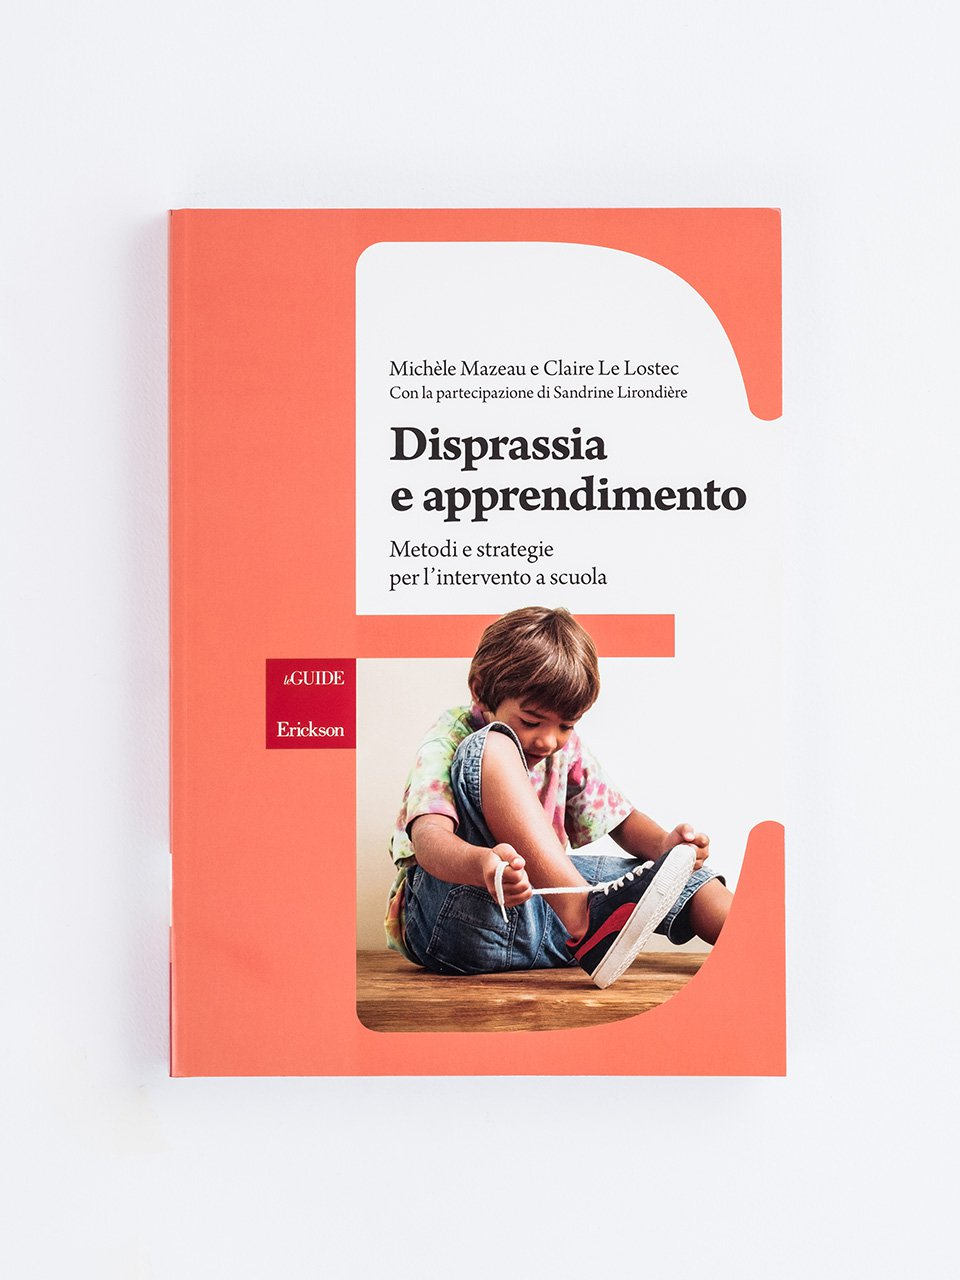 Disprassia e apprendimento - Libri - Erickson